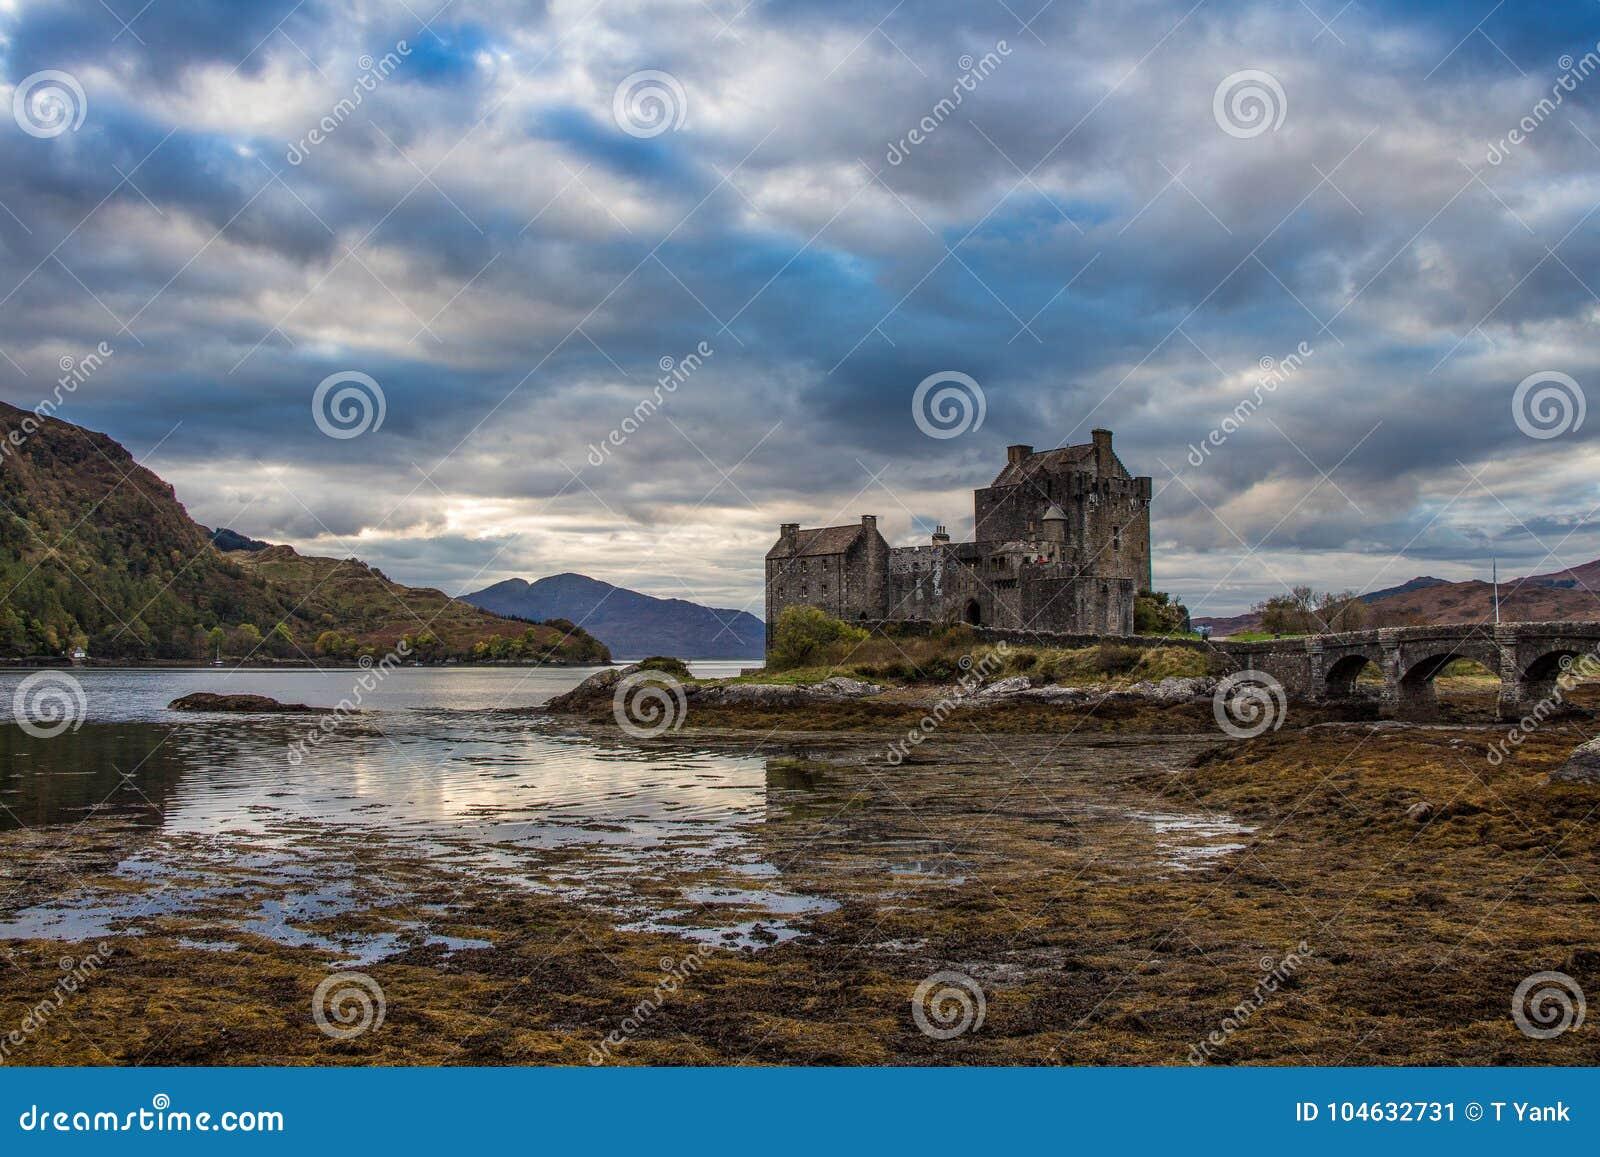 Download Van Het De Hooglandenkasteel Van Schotland Het Meerloch Ness Oude Stad Chateau Ecosse Eileen Donan Stock Afbeelding - Afbeelding bestaande uit mooi, meer: 104632731